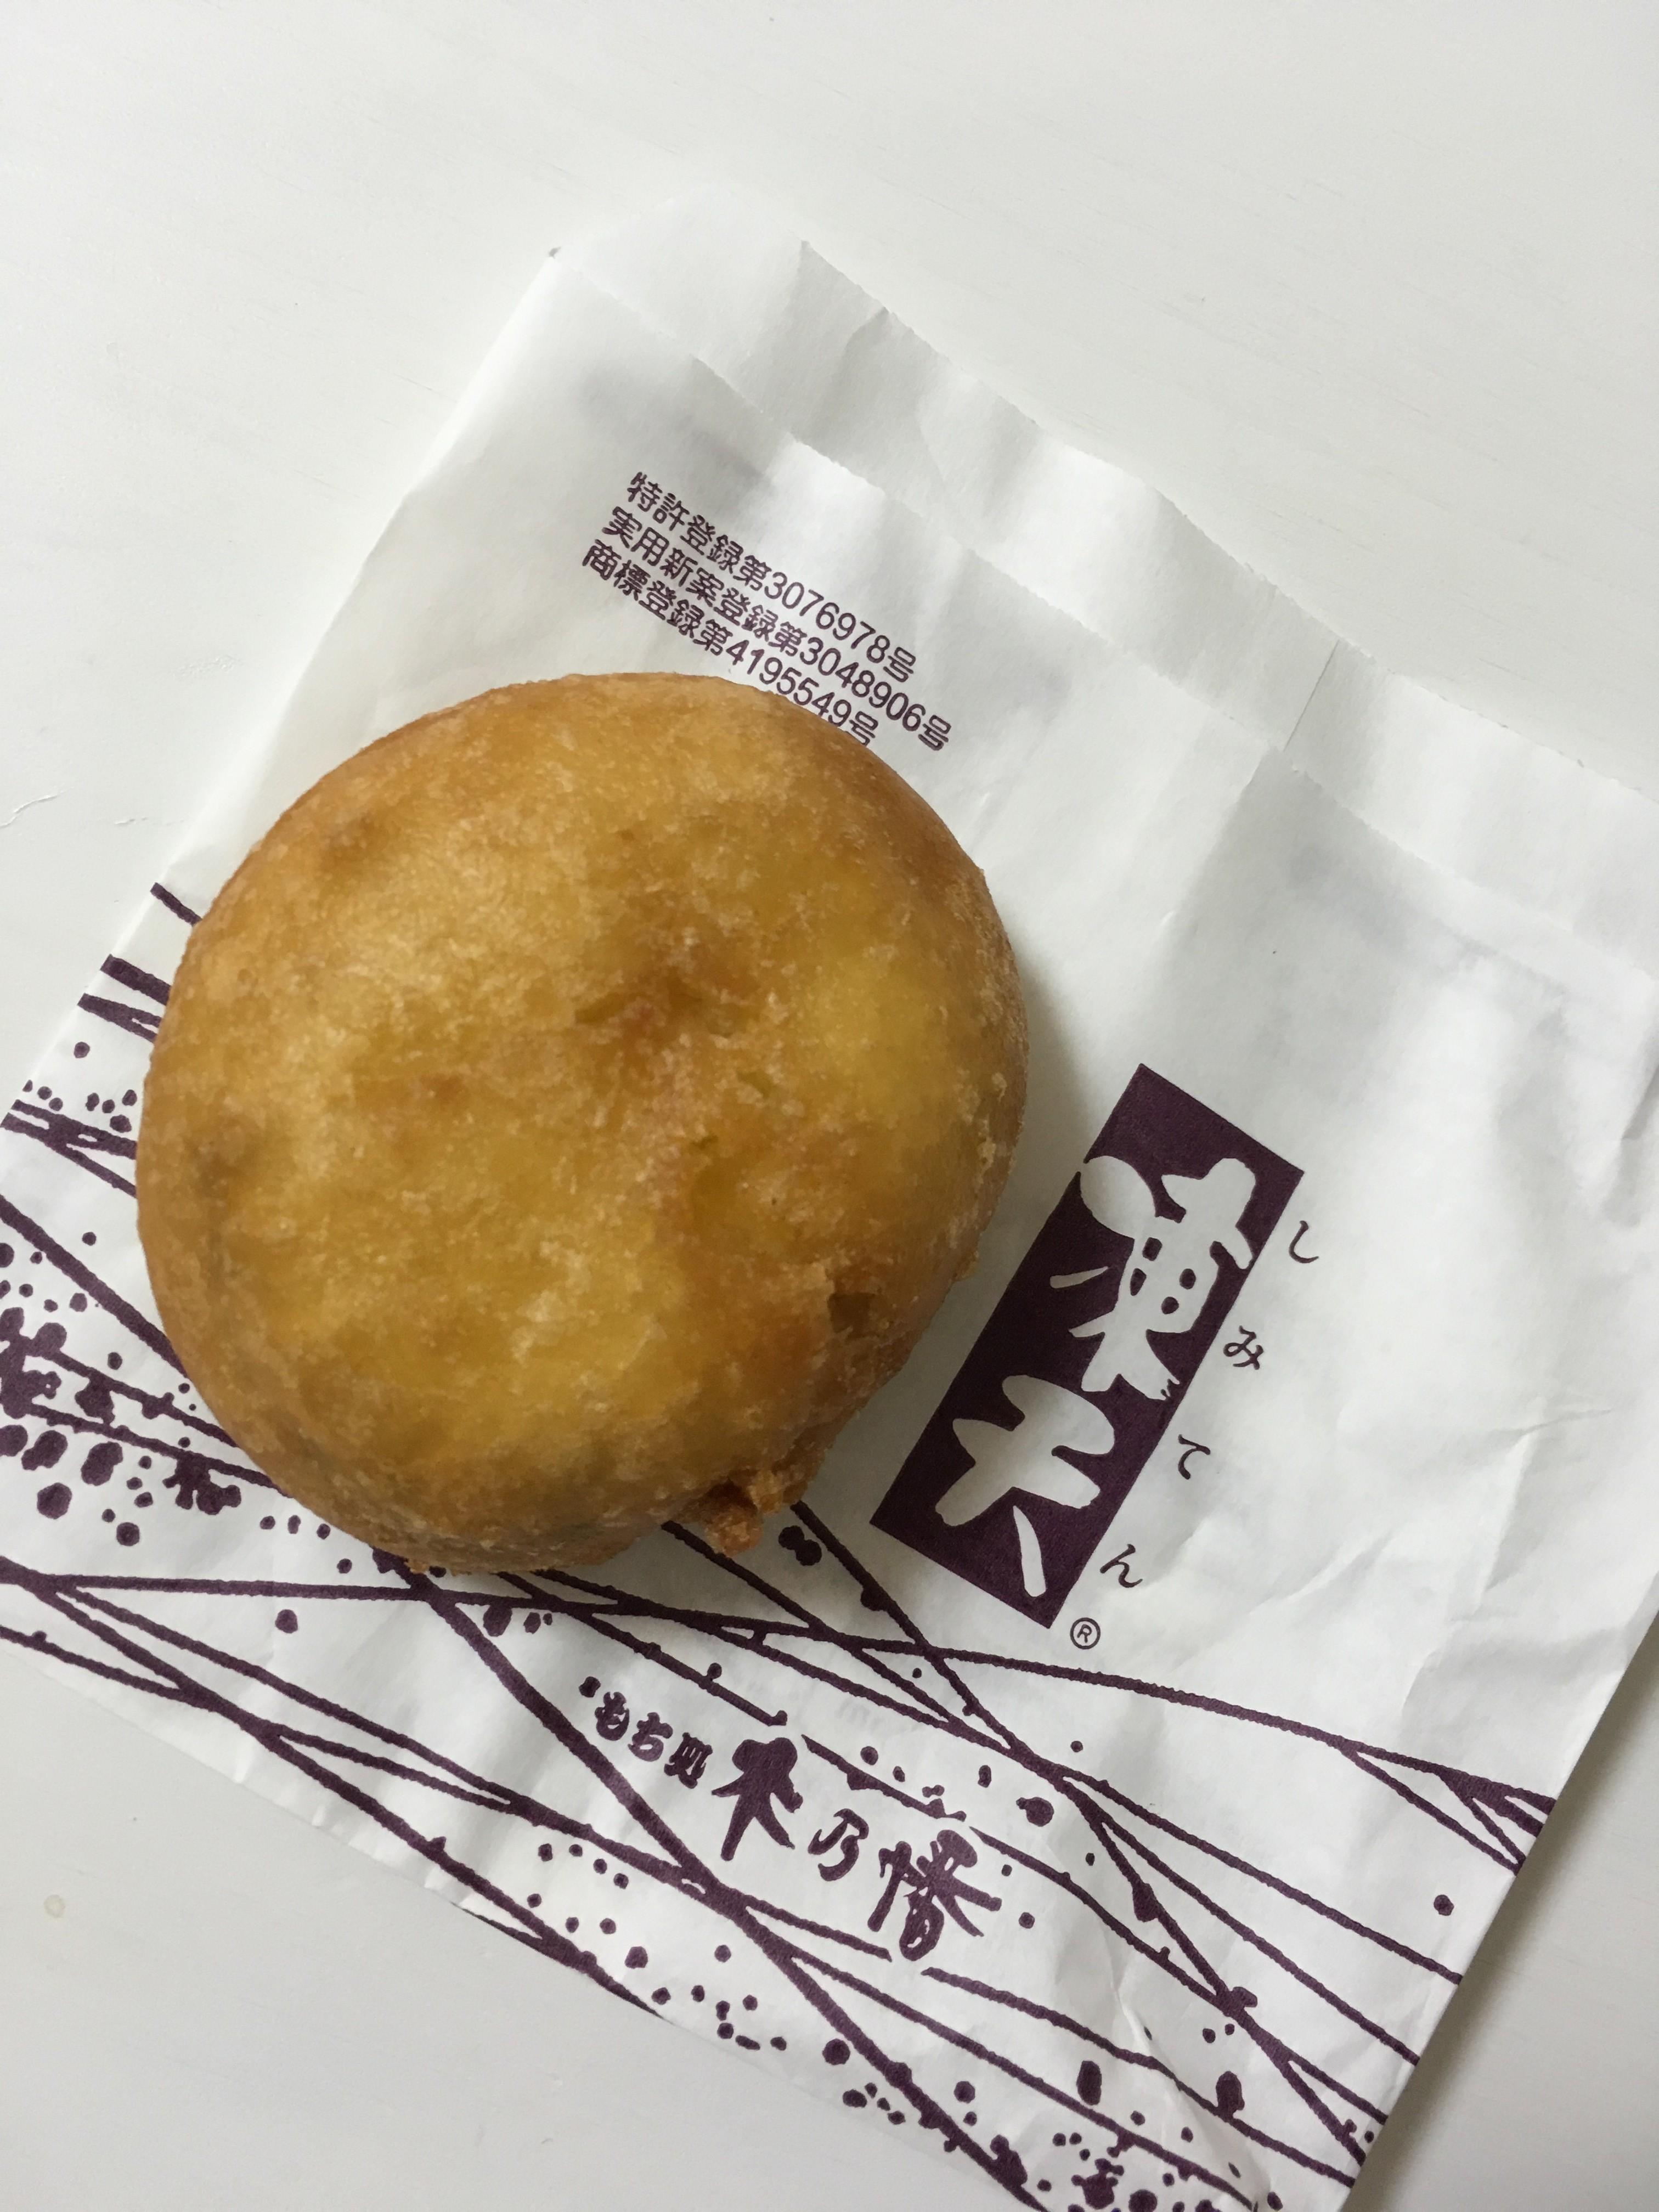 ドーナッツ?お餅?【仙台駅グルメ】のご紹介♪